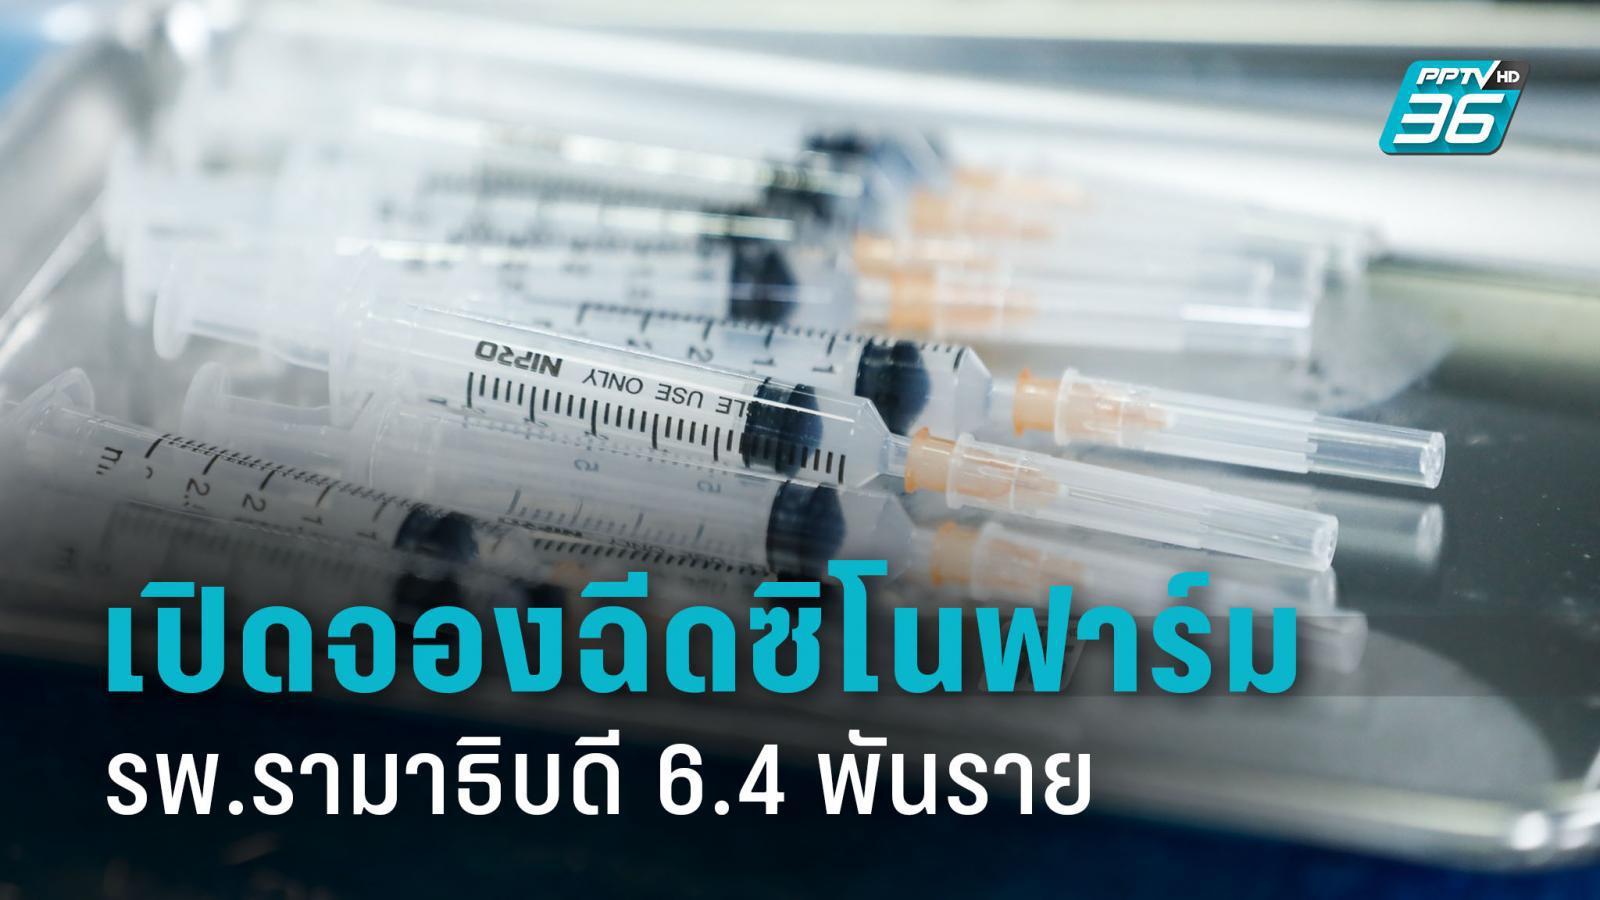 """ด่วน! วันนี้ รพ.รามาธิบดี เปิดจองฉีดวัคซีน """"ซิโนฟาร์ม"""" 6,400 ราย จำนวนจำกัด"""